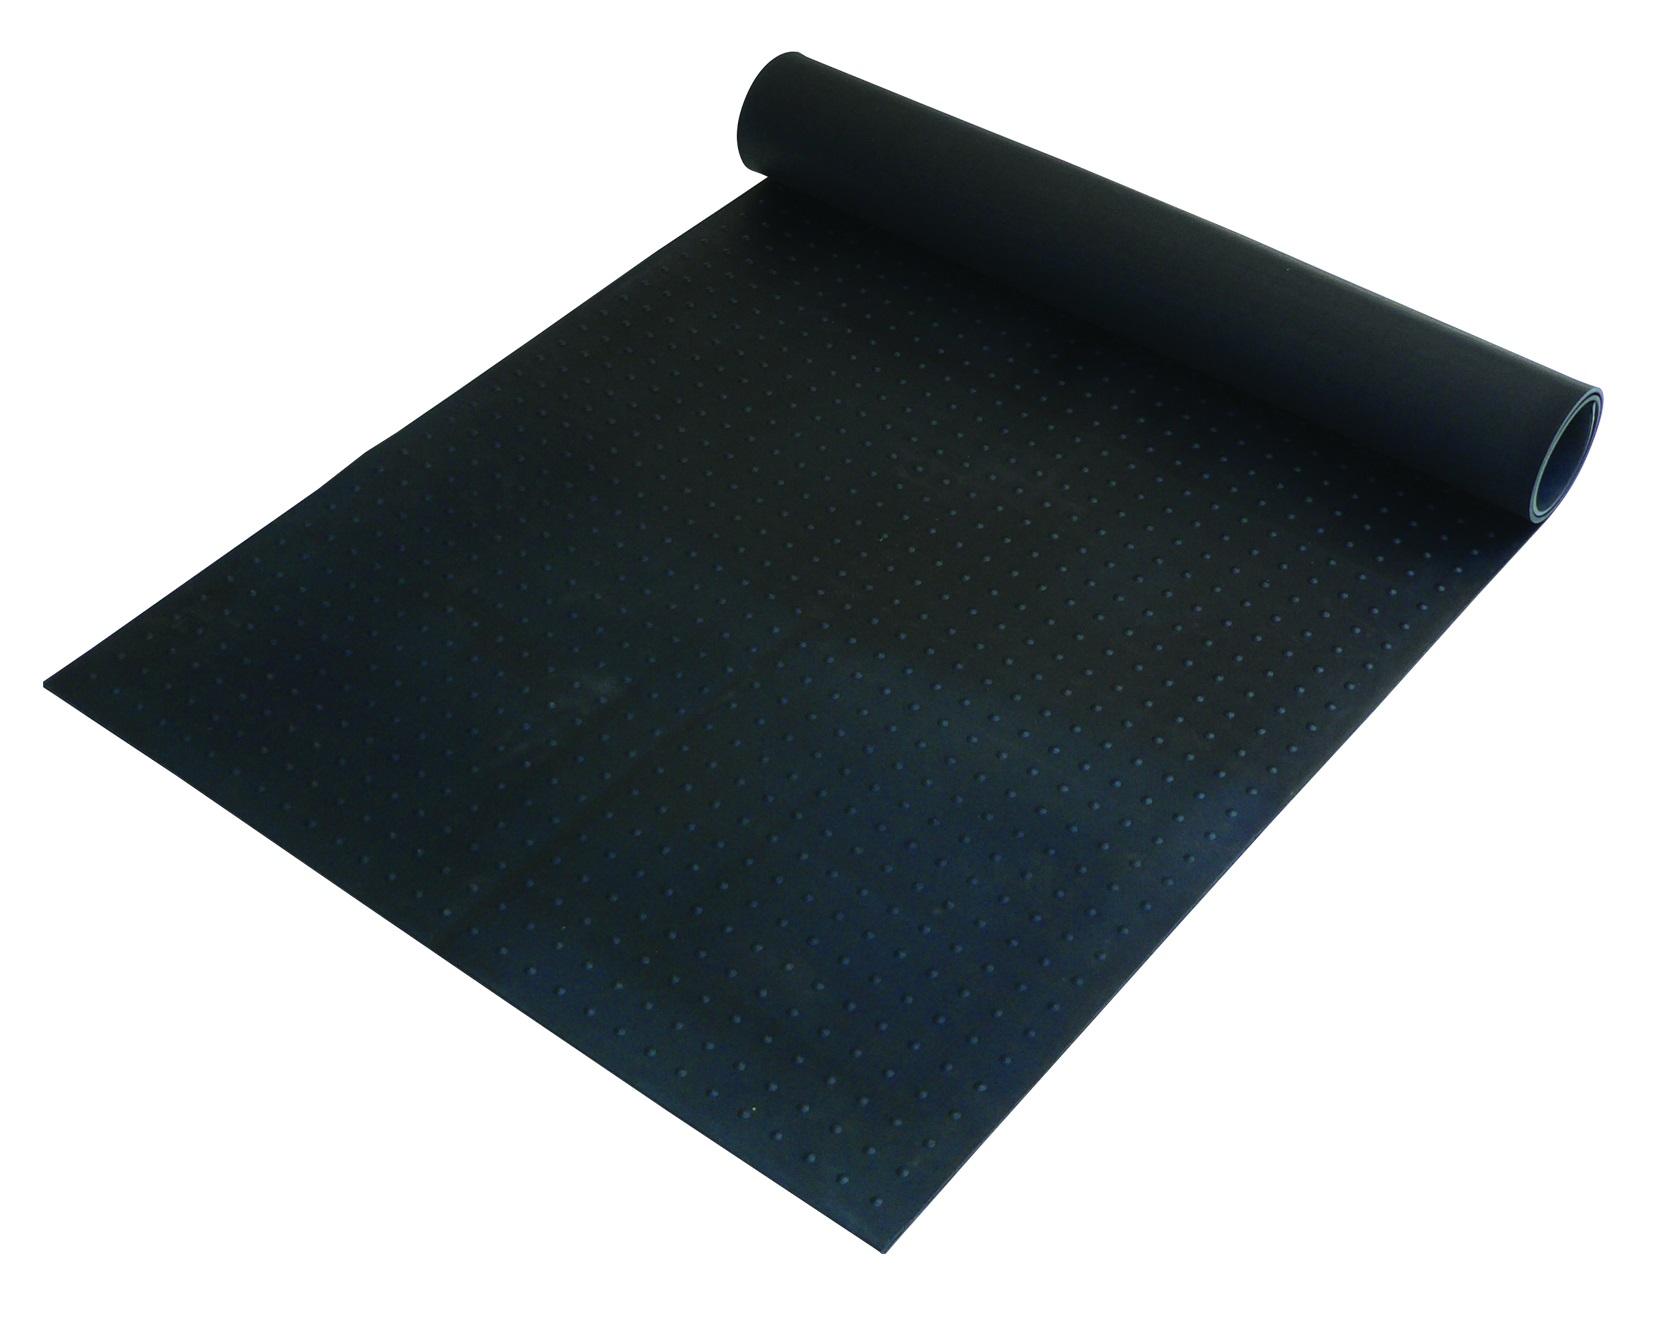 ブラックターフR 日東化工 厚さ10mm・15mm・20mm 3サイズ 歩行用・養生用ゴムマット